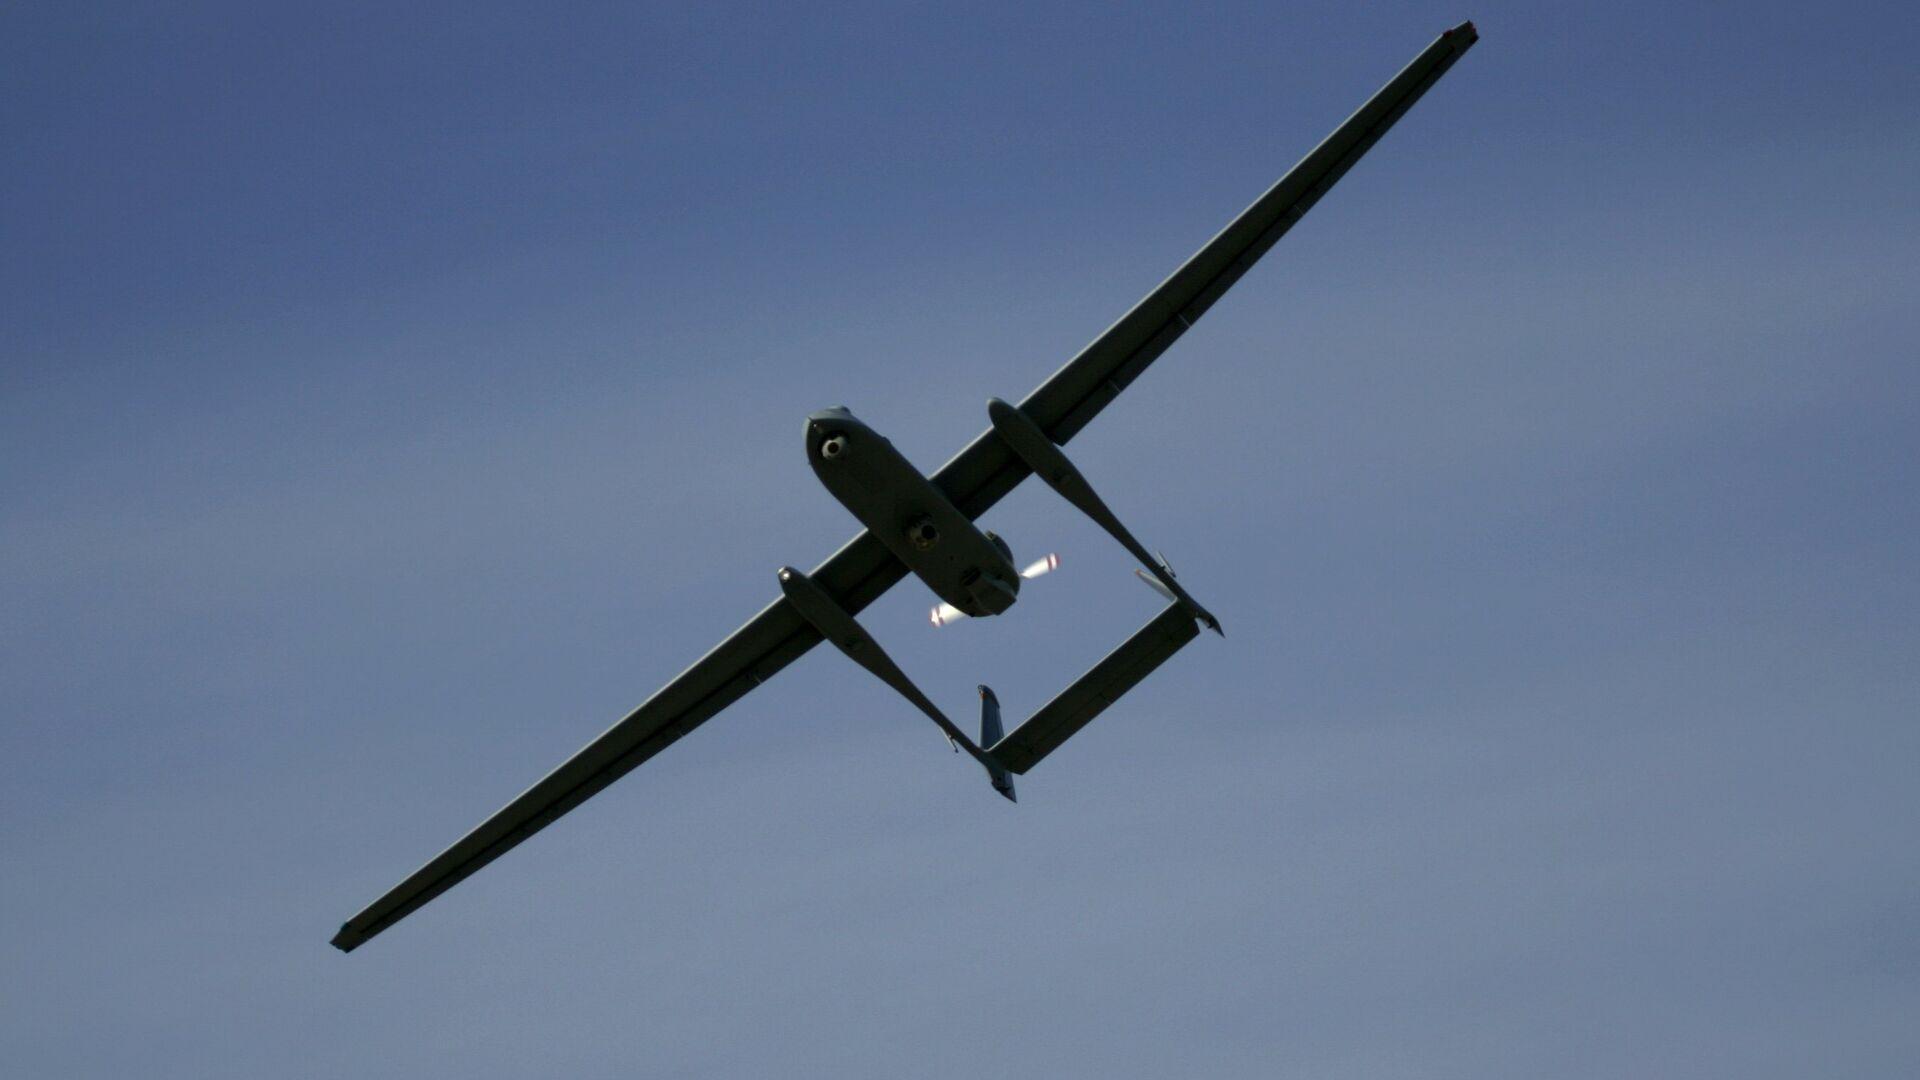 Il drone Heron TP delle forze di difesa israeliane - Sputnik Italia, 1920, 22.06.2021